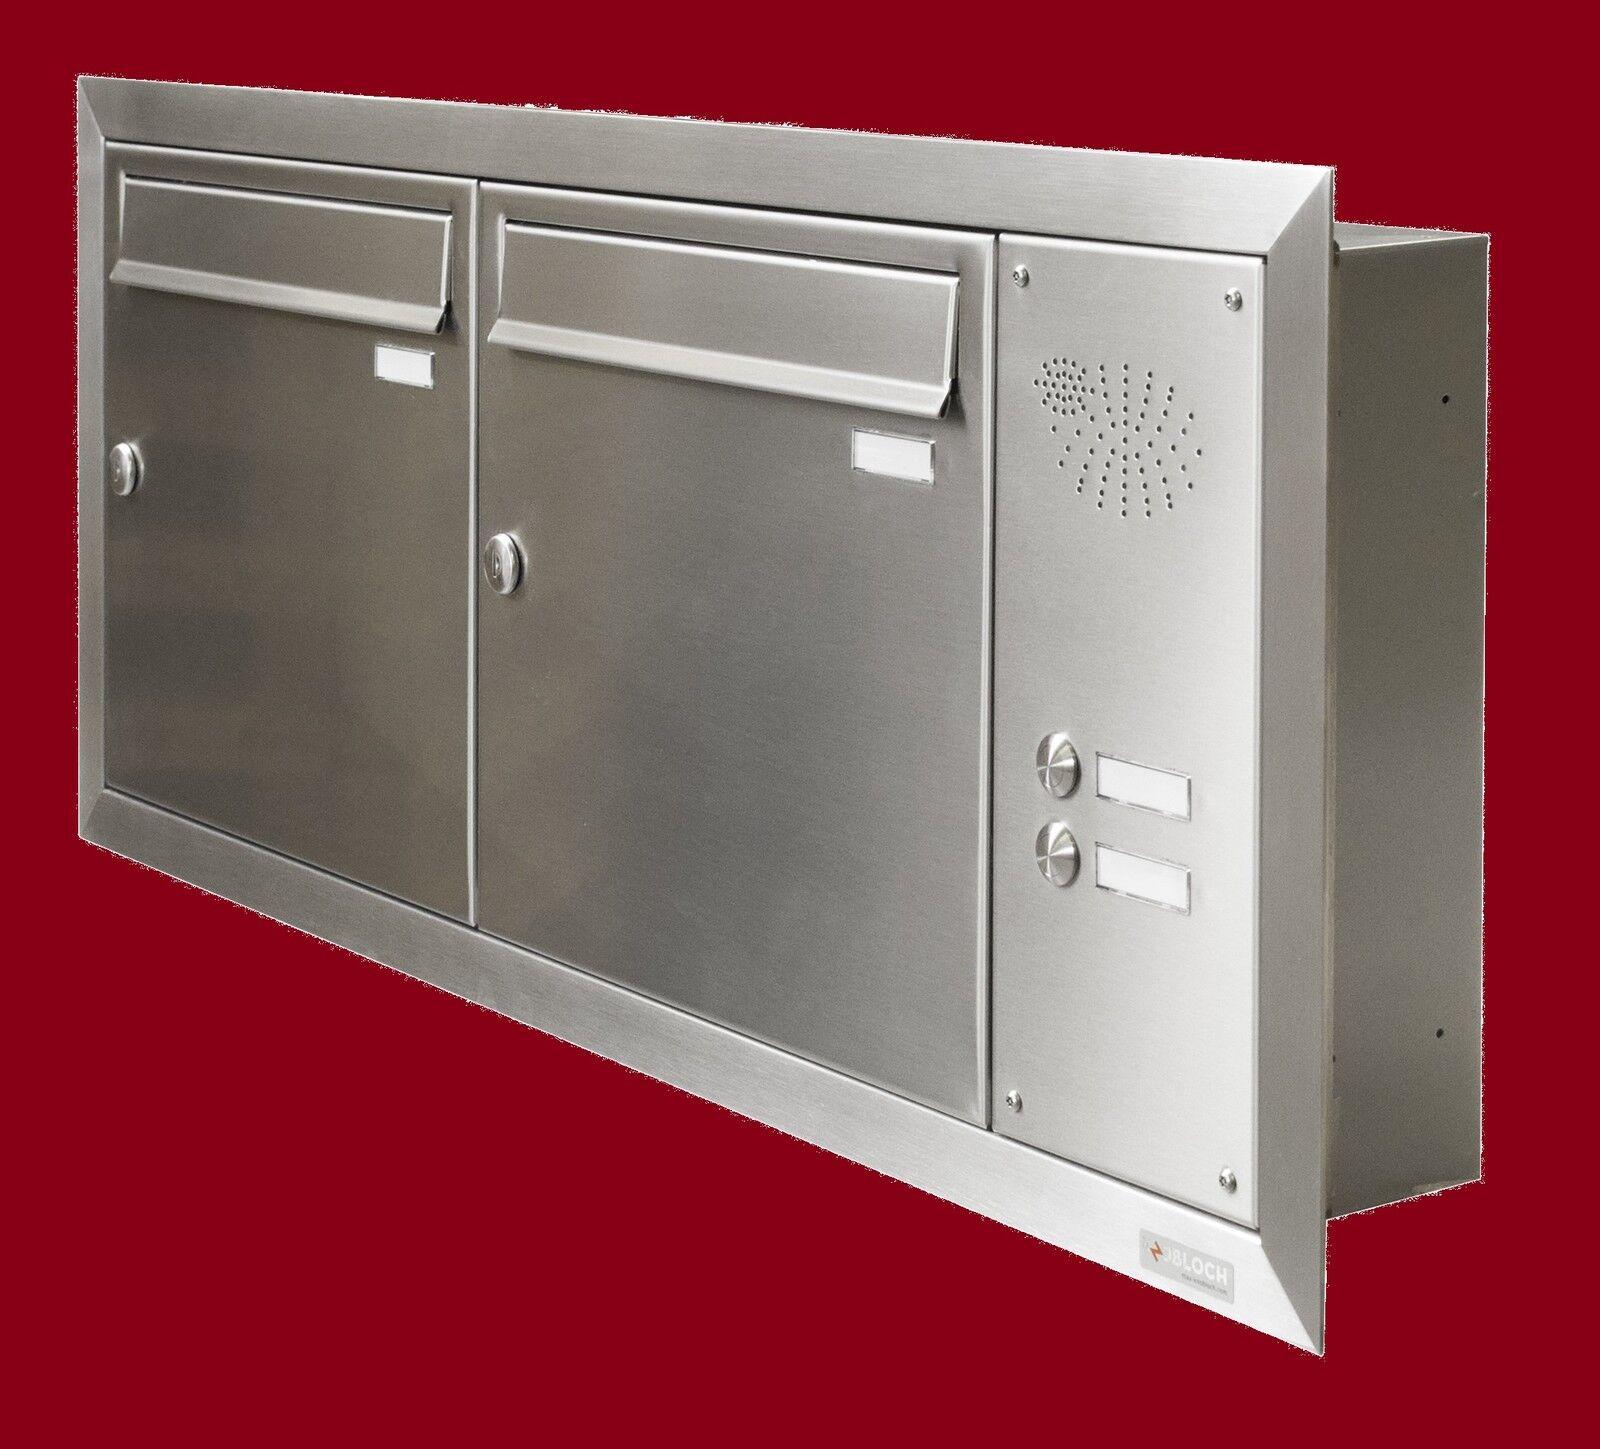 unterputz briefkasten anlage edelstahl 2 teilig klingel wand einbau uph116 eur 681 50. Black Bedroom Furniture Sets. Home Design Ideas